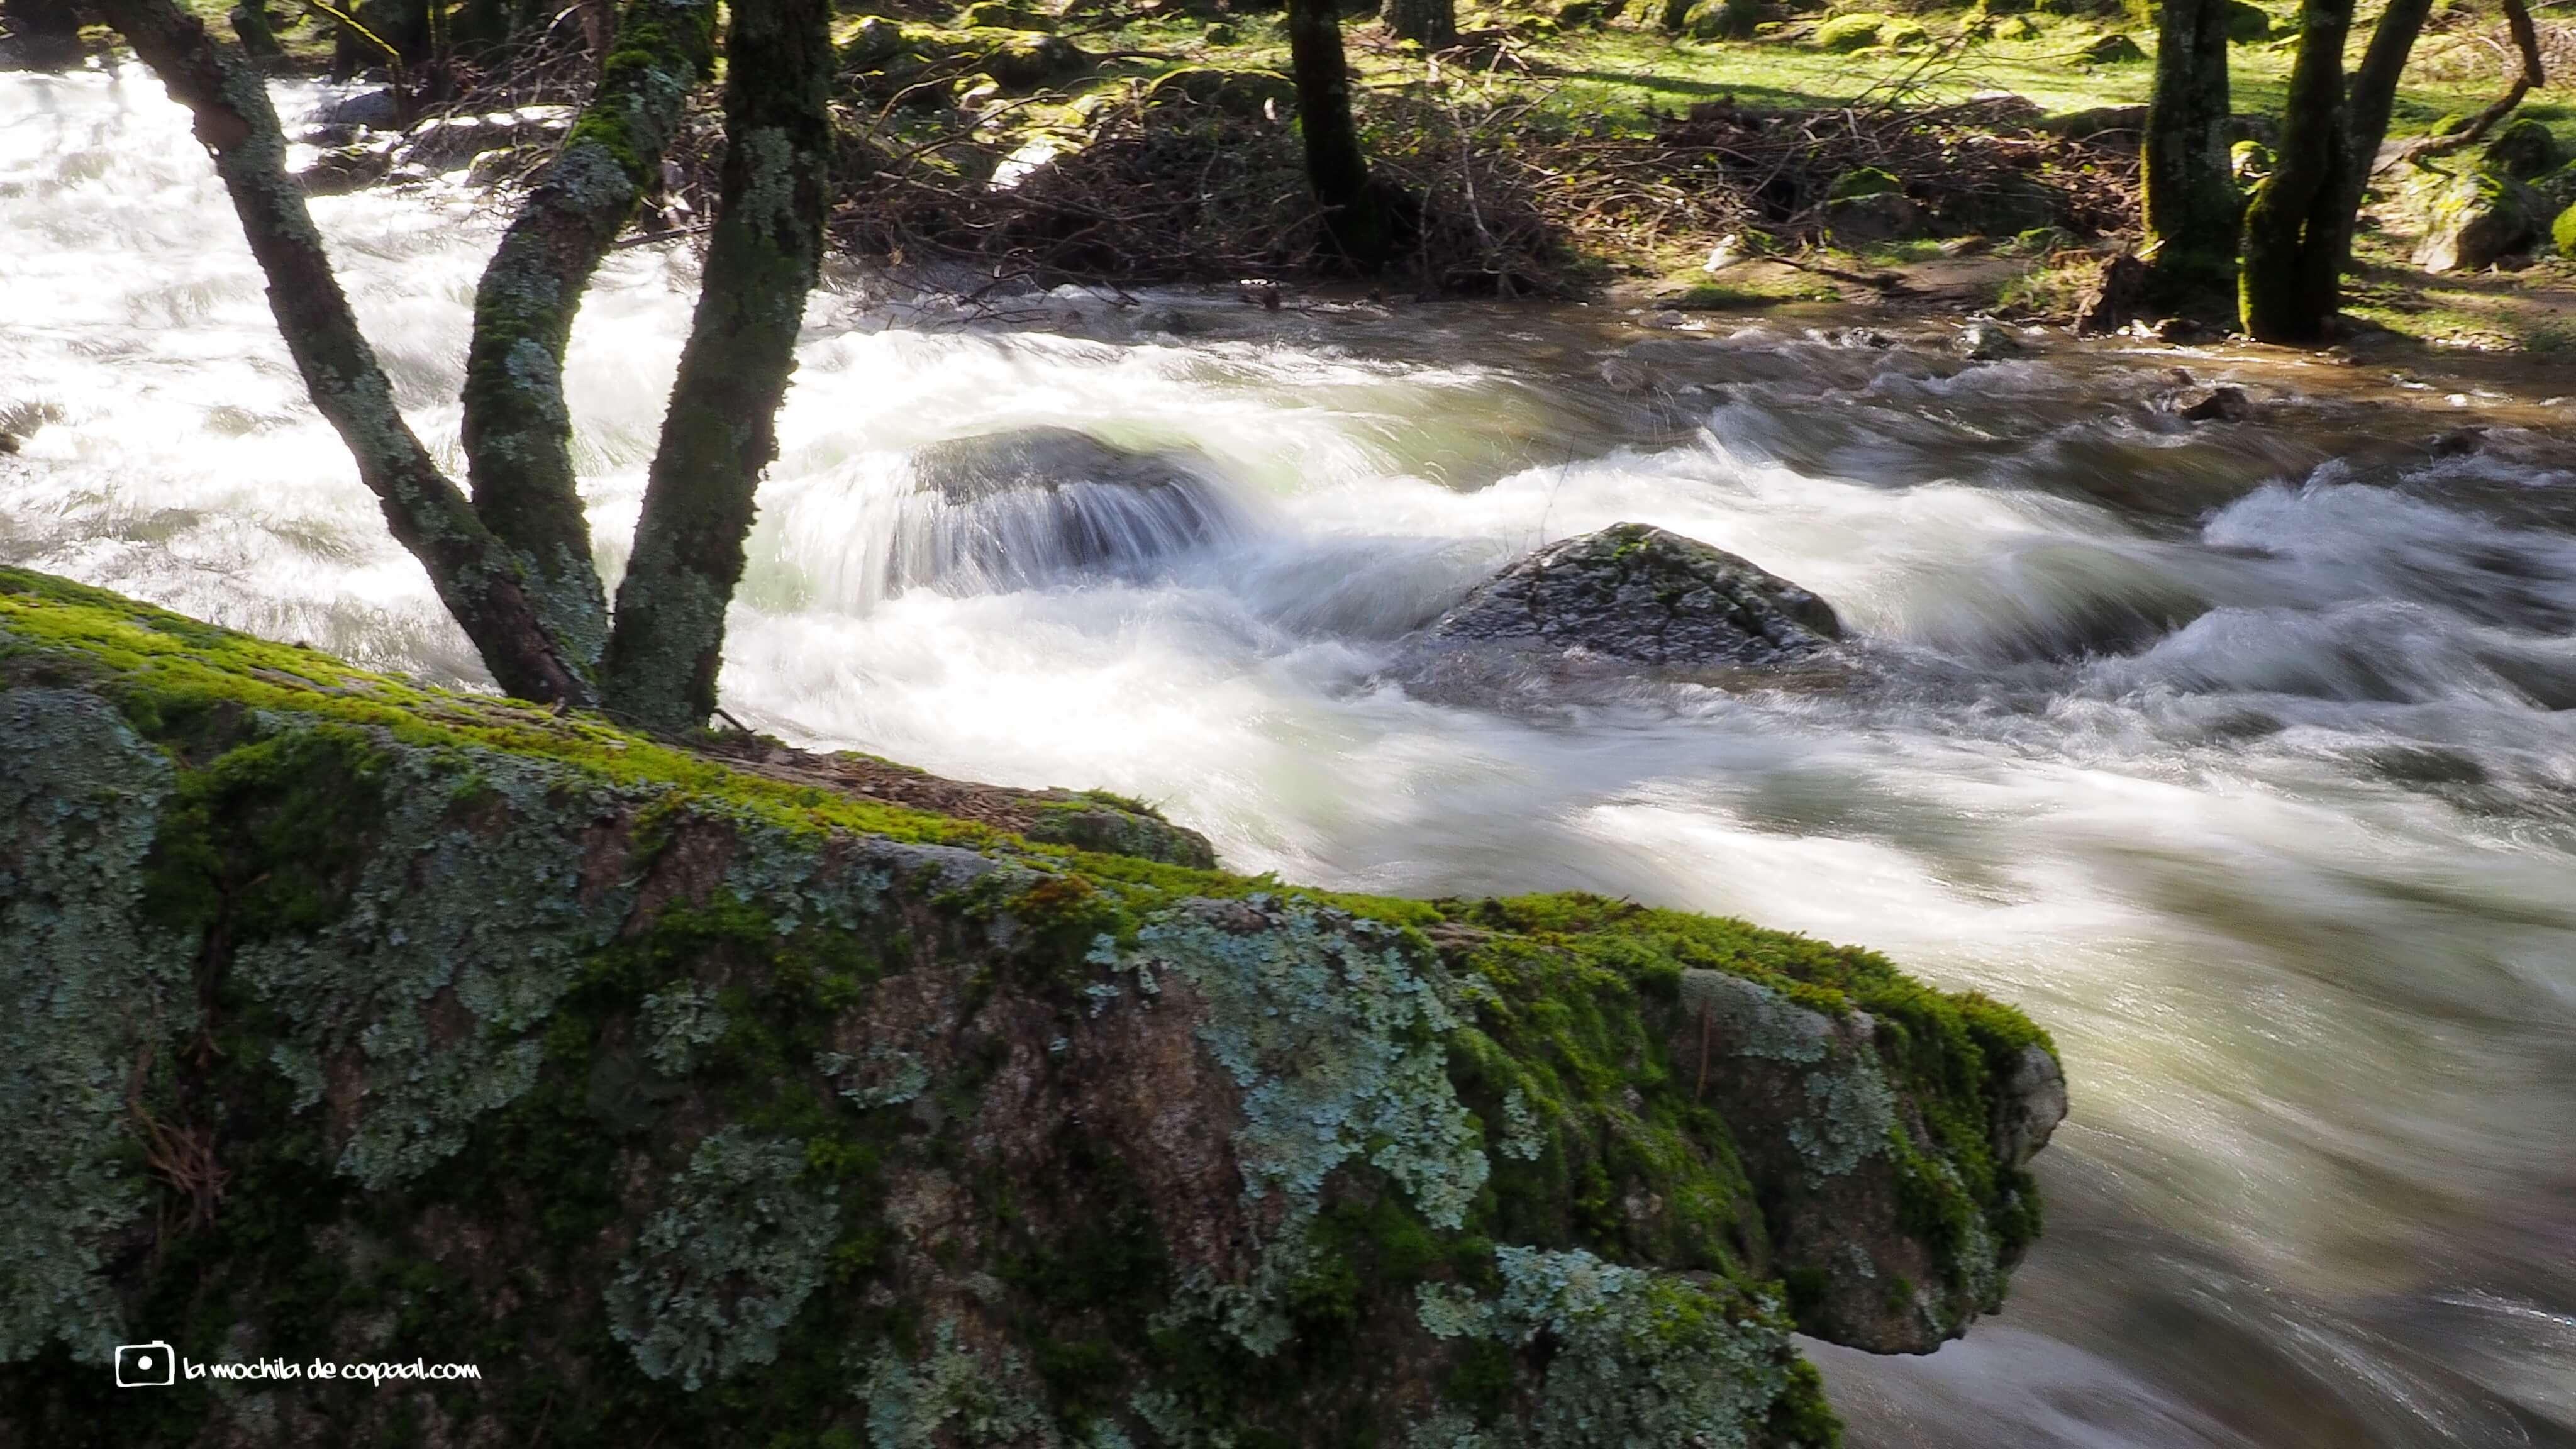 CopaAl-Cascada-del-Purgatorio-14